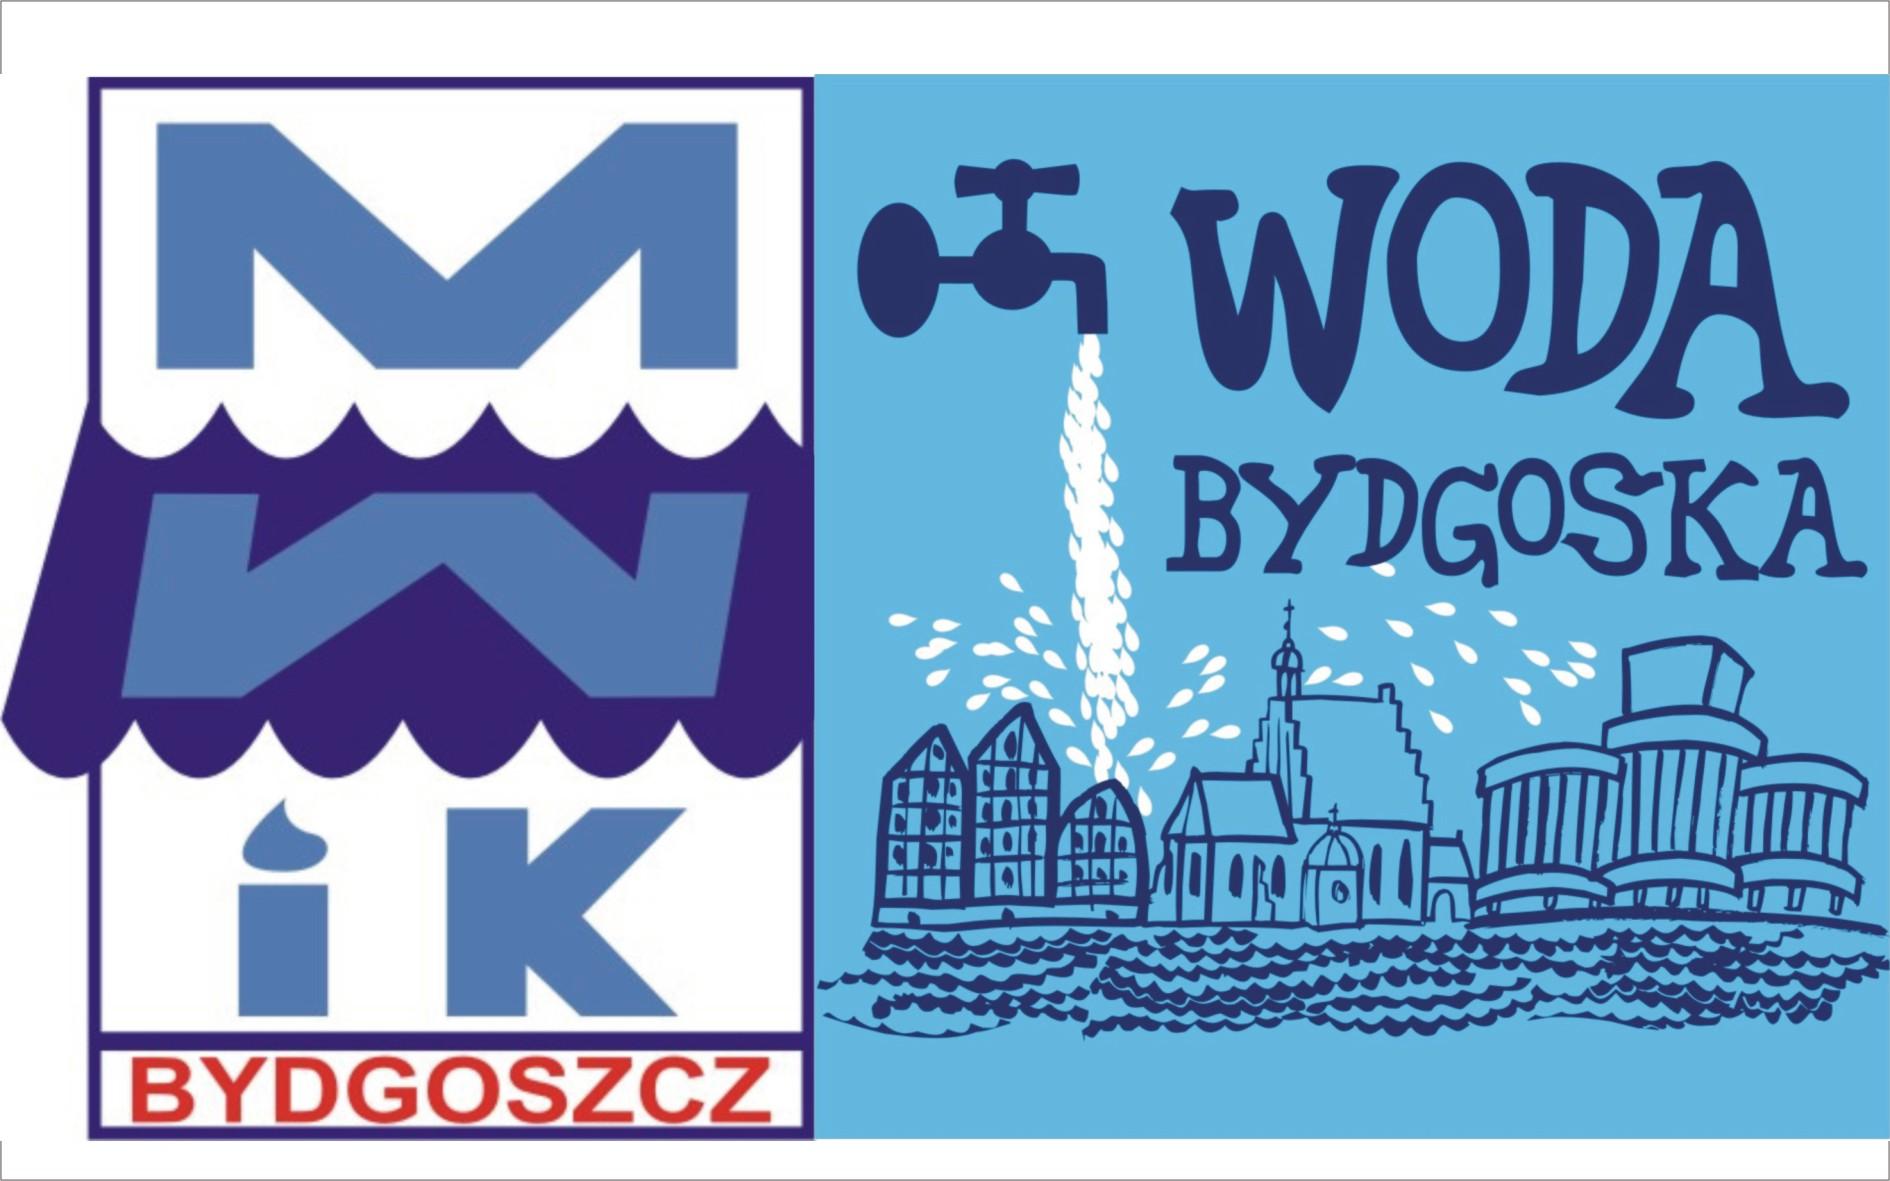 http://www.mwik.bydgoszcz.pl/